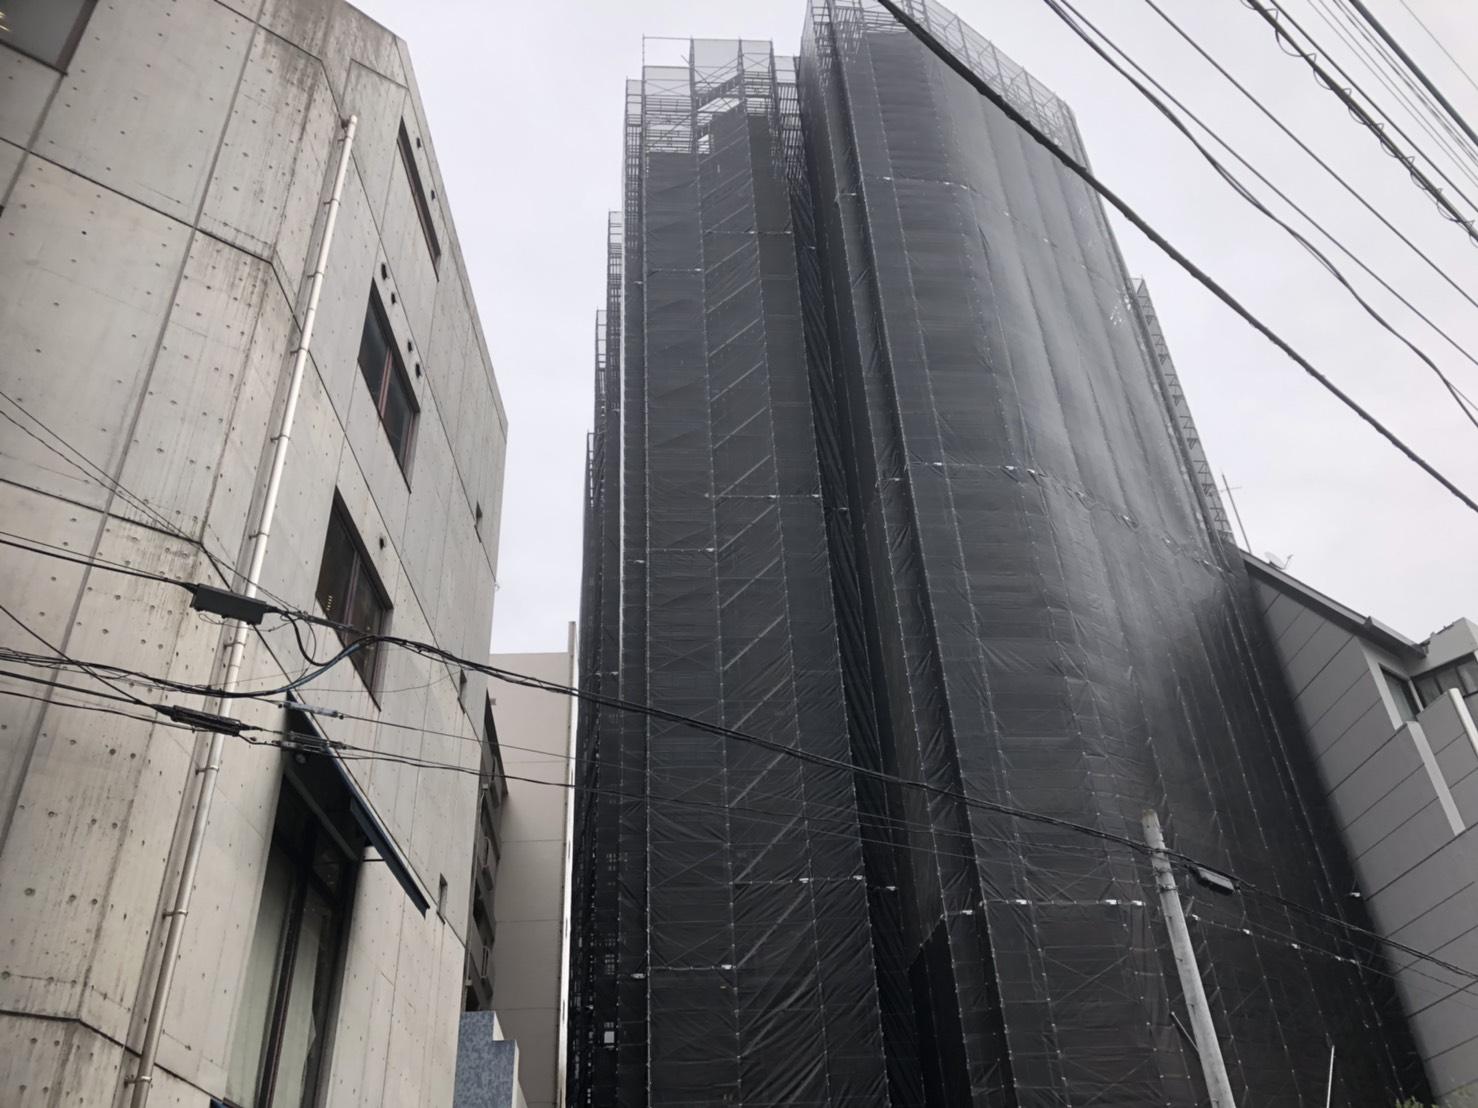 福岡県福岡市中央区薬院 14階建 大規模修繕工事 足場⑶